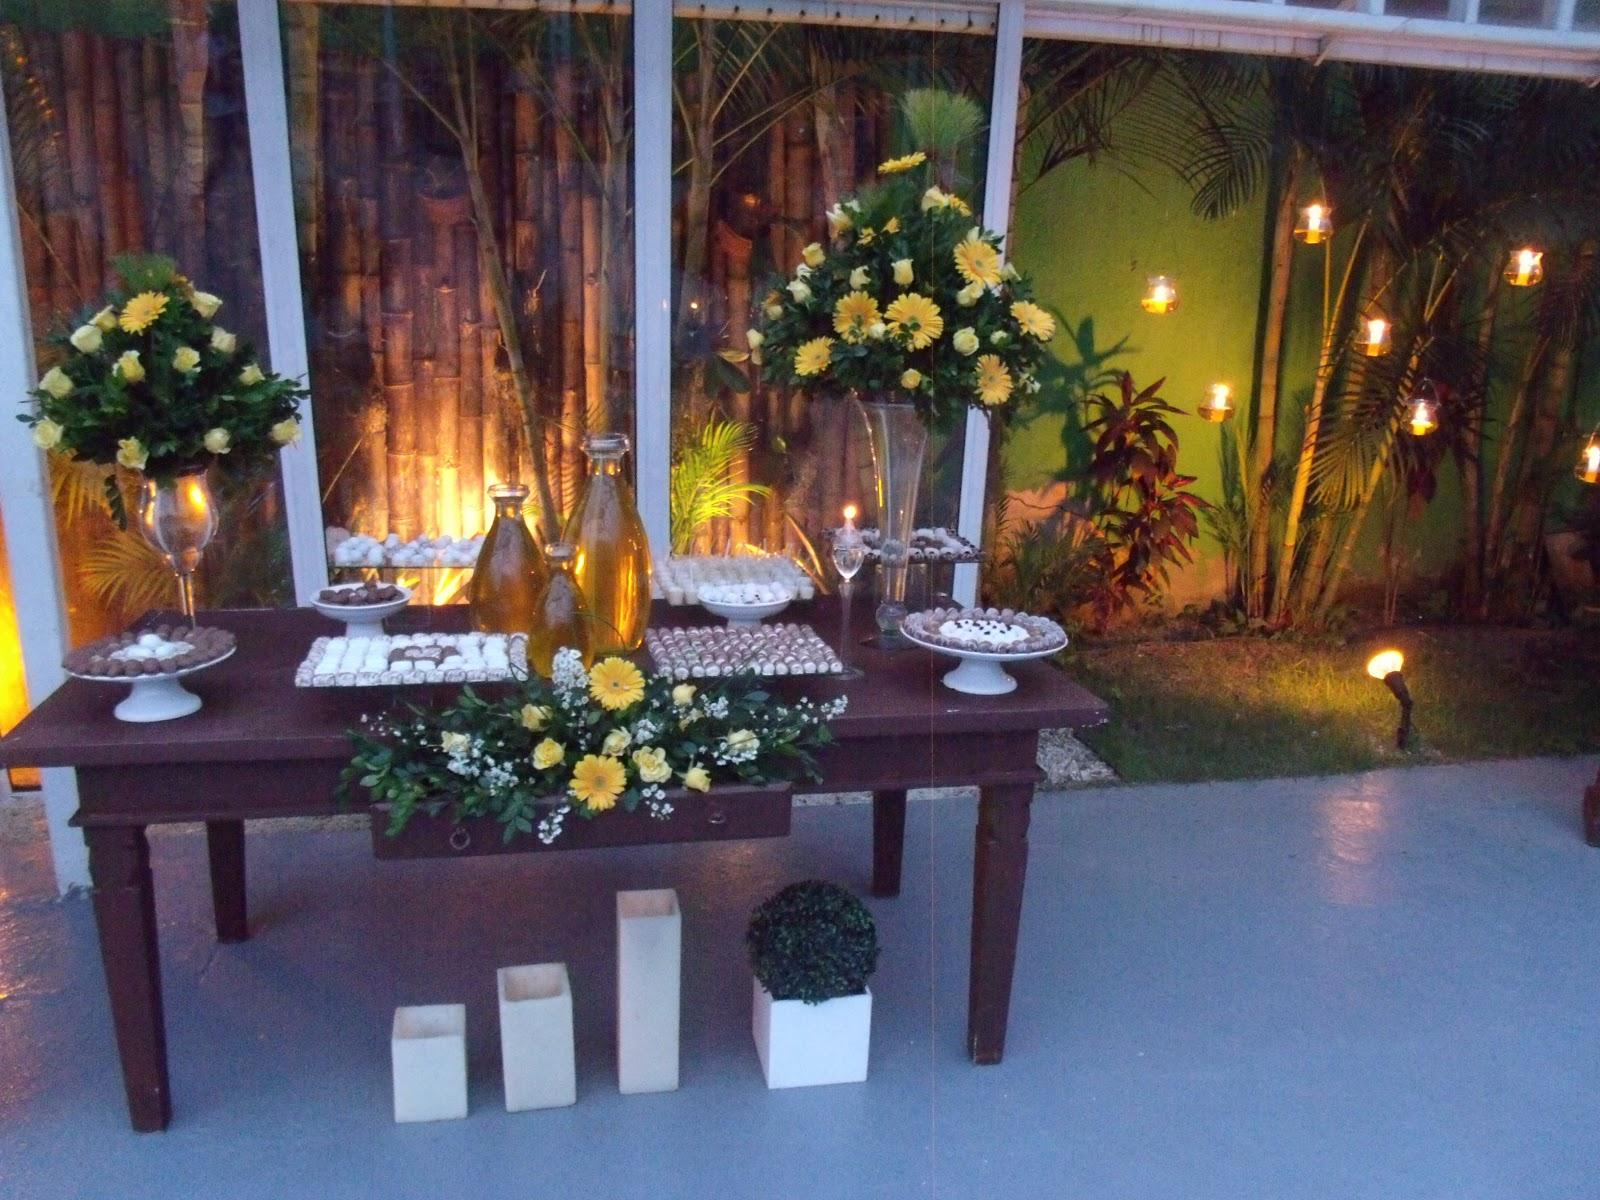 decoracao casamento rustico azul e amarelo: Magia Festas: Evento próprio – Casamento rústico amarelo e branco